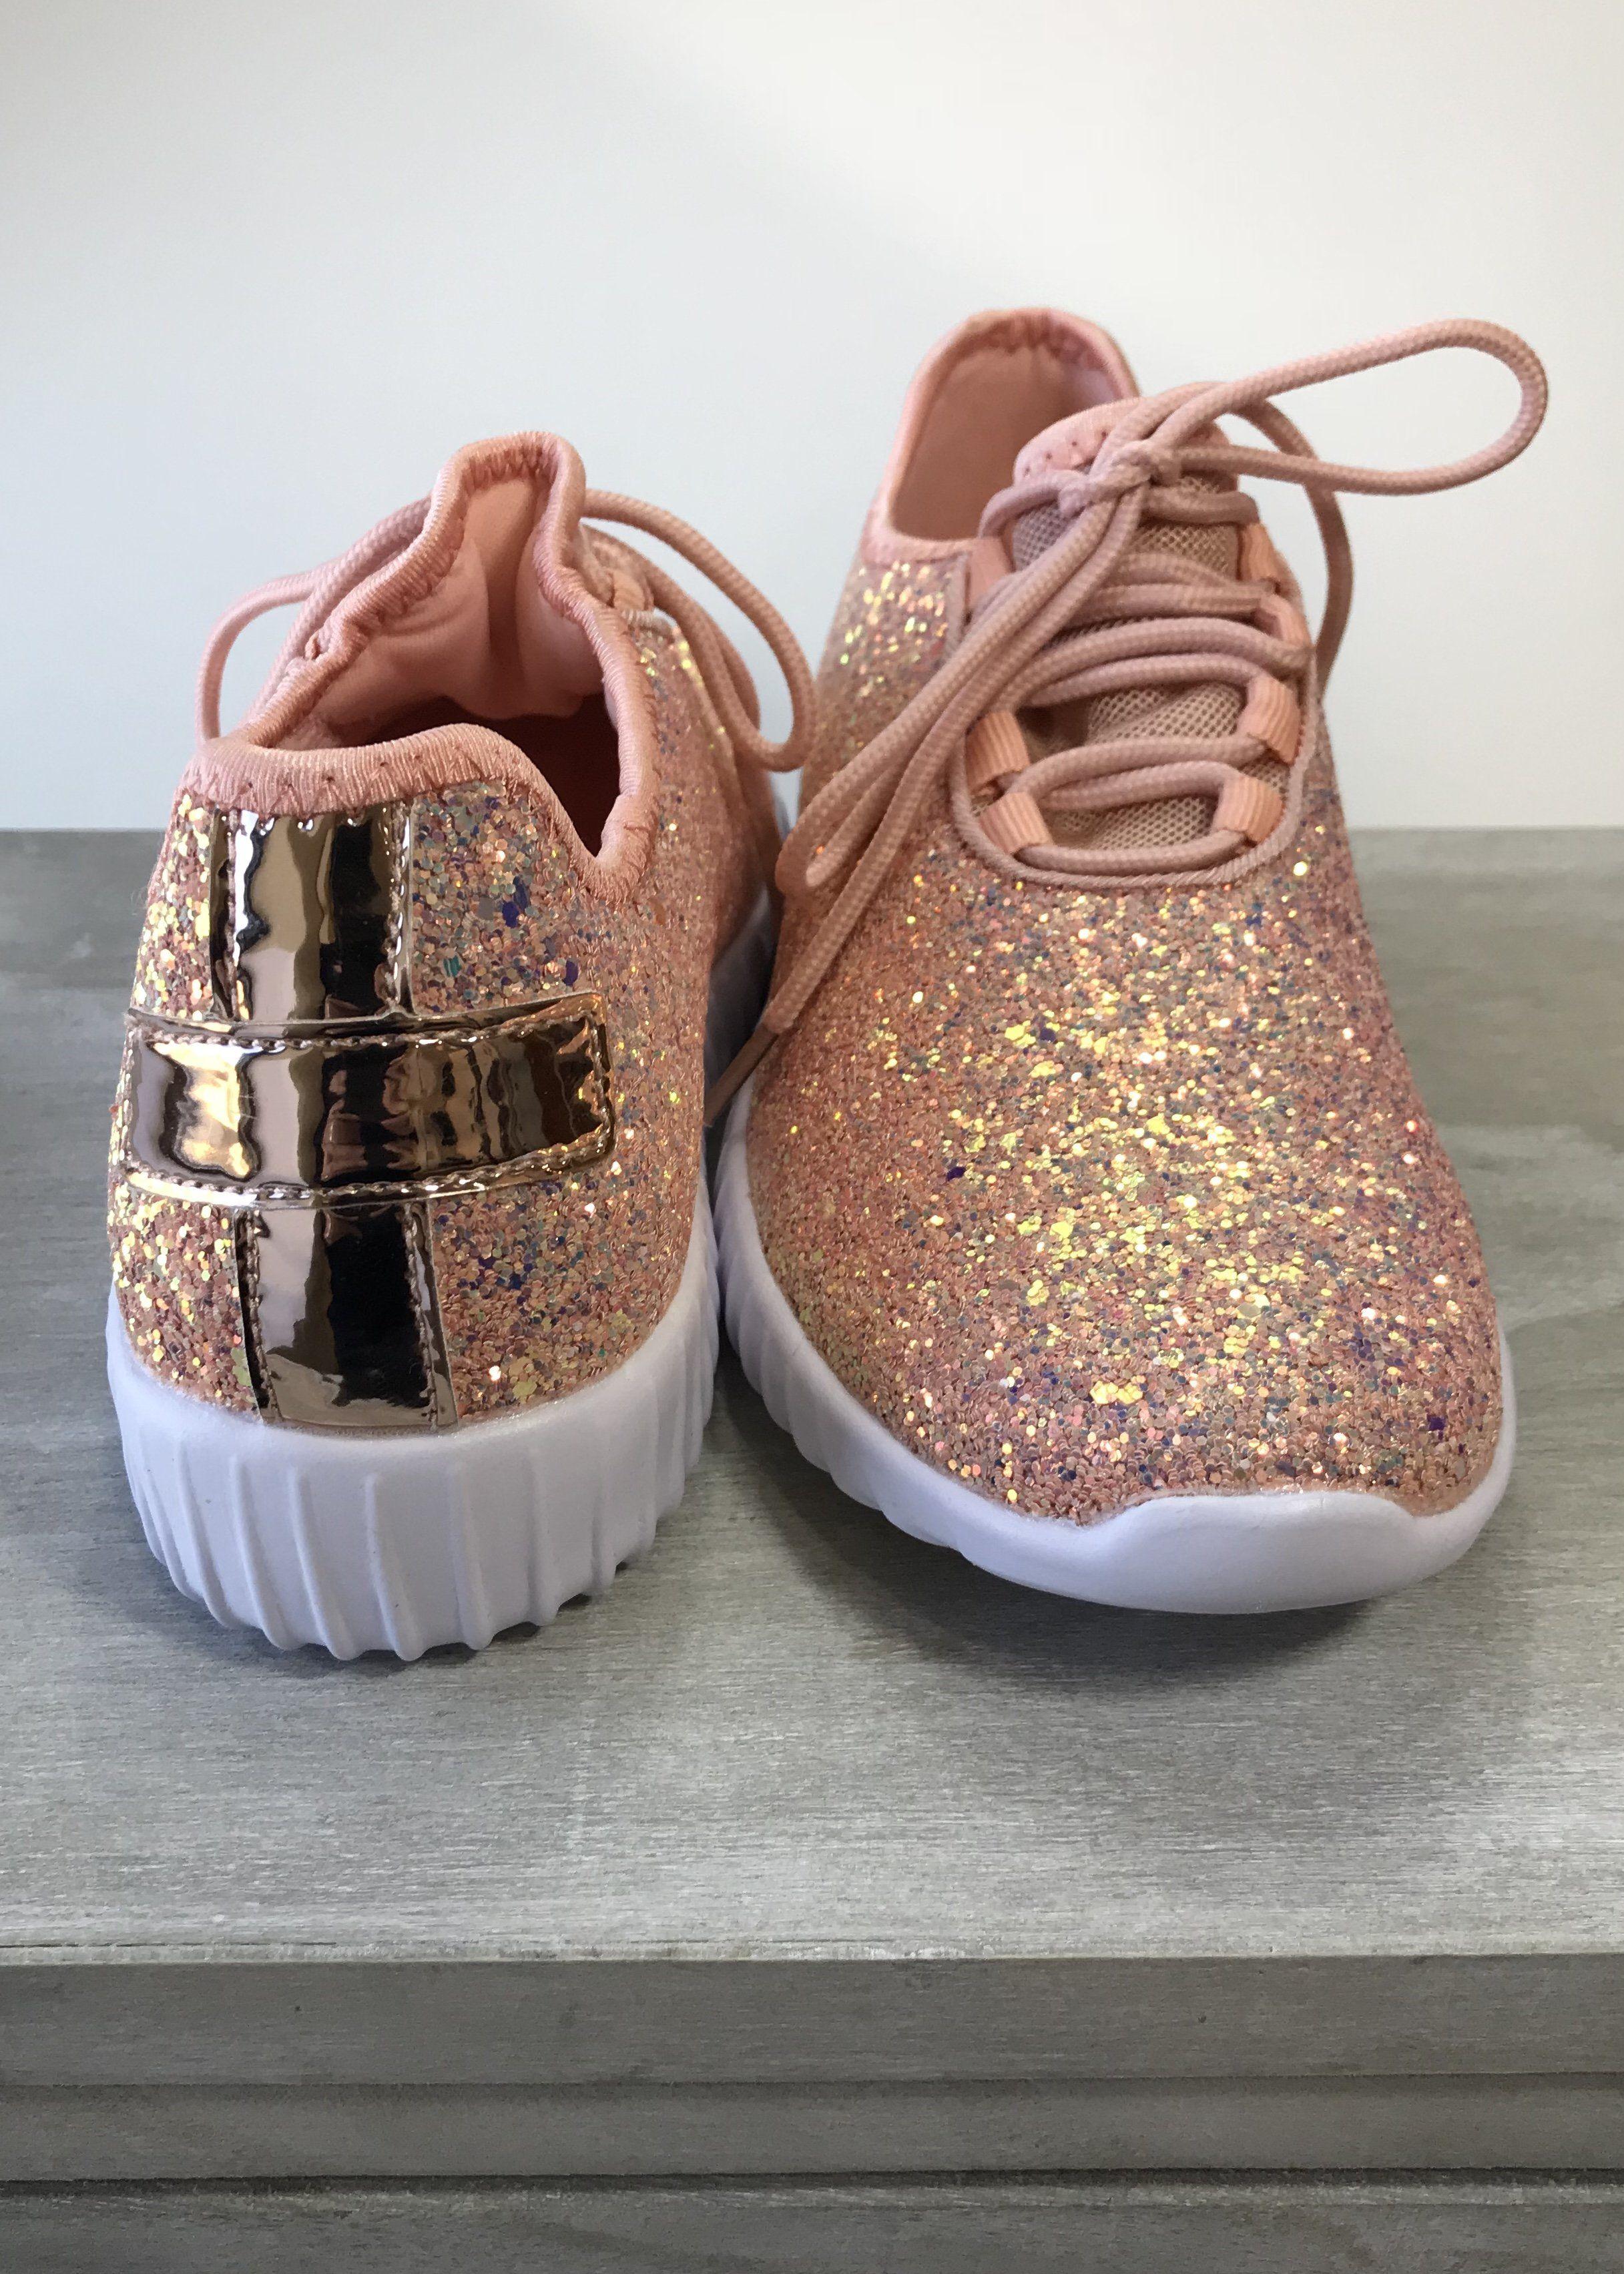 80e7d27e407 Starstruck Sneaker - Just Peachy - FINAL